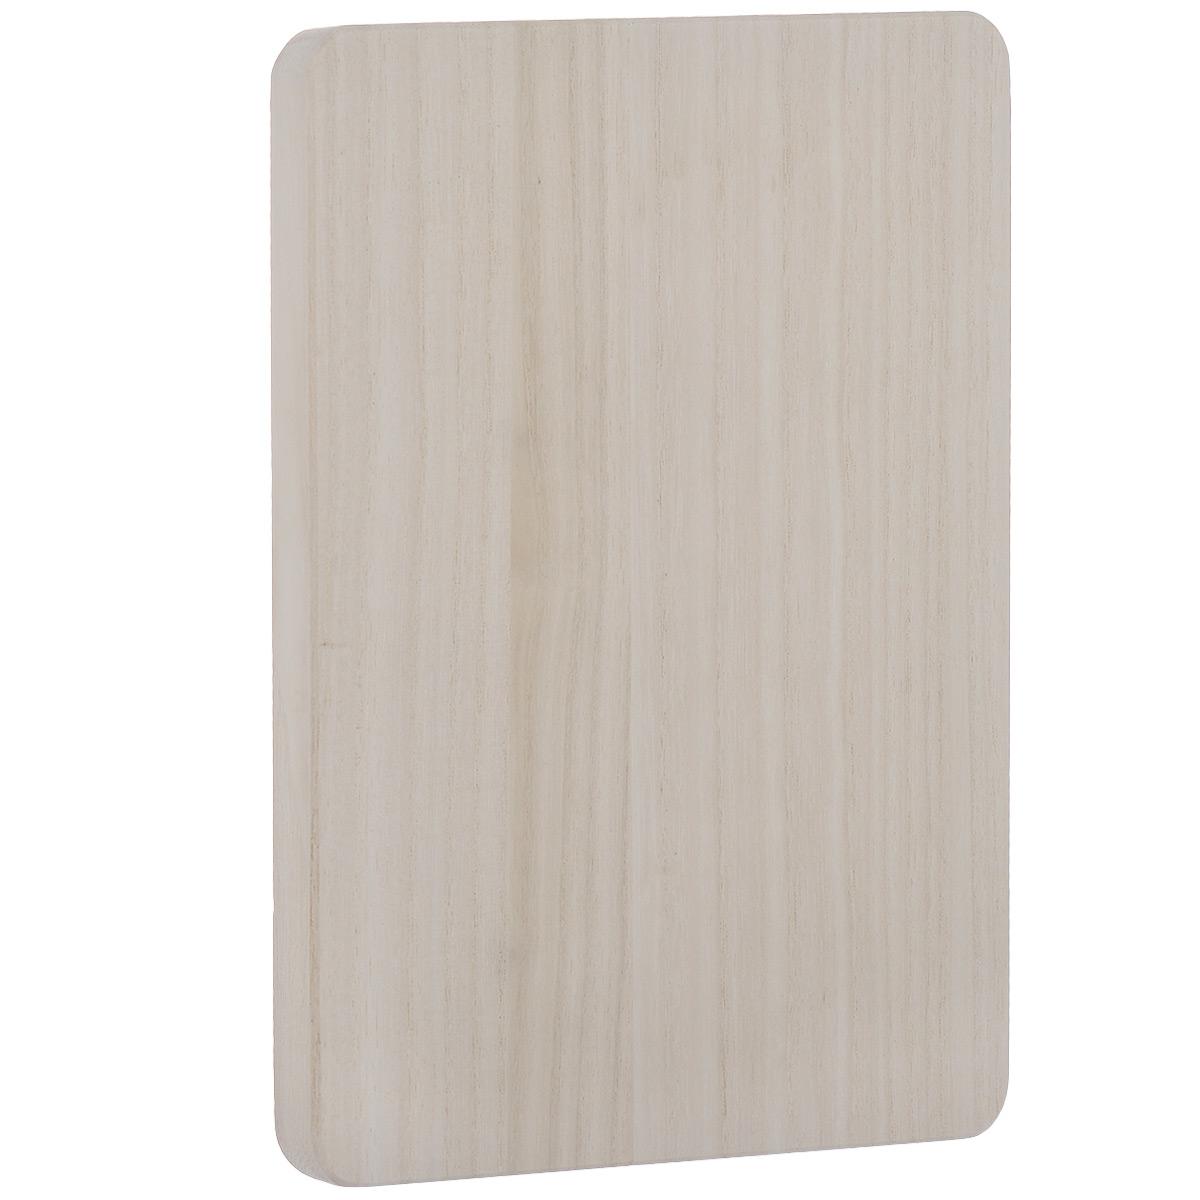 Доска разделочная Hatamoto, 27 х 19 см H-344М 1574Разделочная доска Hatamoto выполнена из адамова дерева (павловнии) - невероятно прочного и легкого материала. Такая доска обладает высокими антибактериальными и гигиеническими свойствами, легко моется и быстро сохнет.